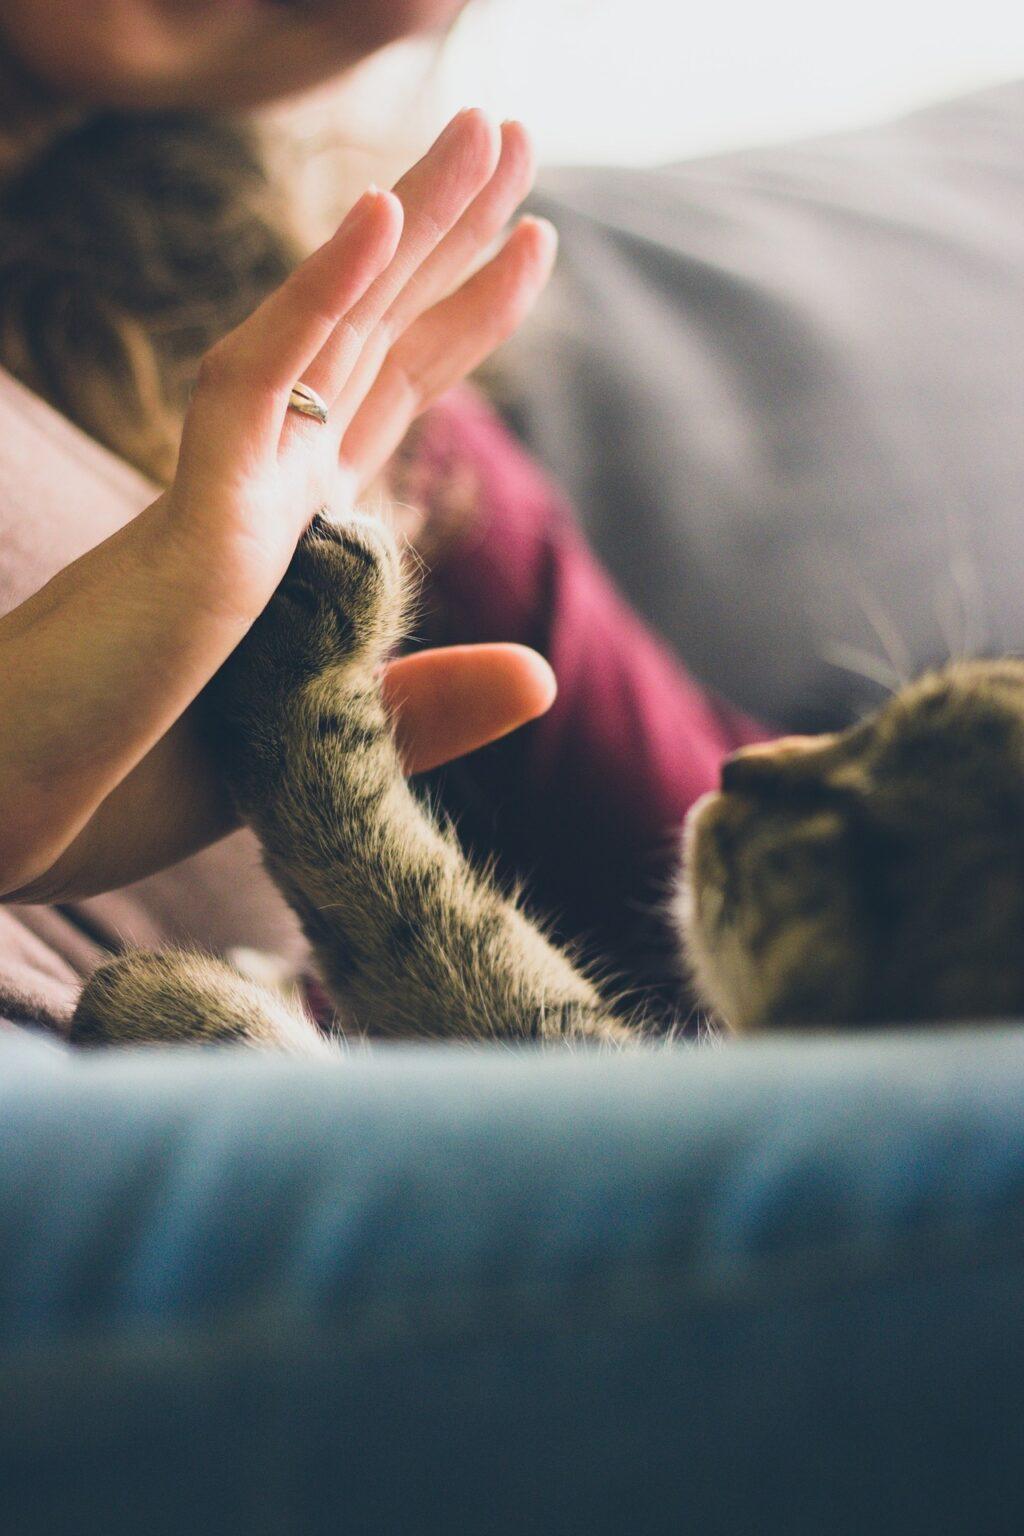 Oggi la Giornata Nazionale del Gatto, credenze e falsi miti da sfatare sul suo benessere